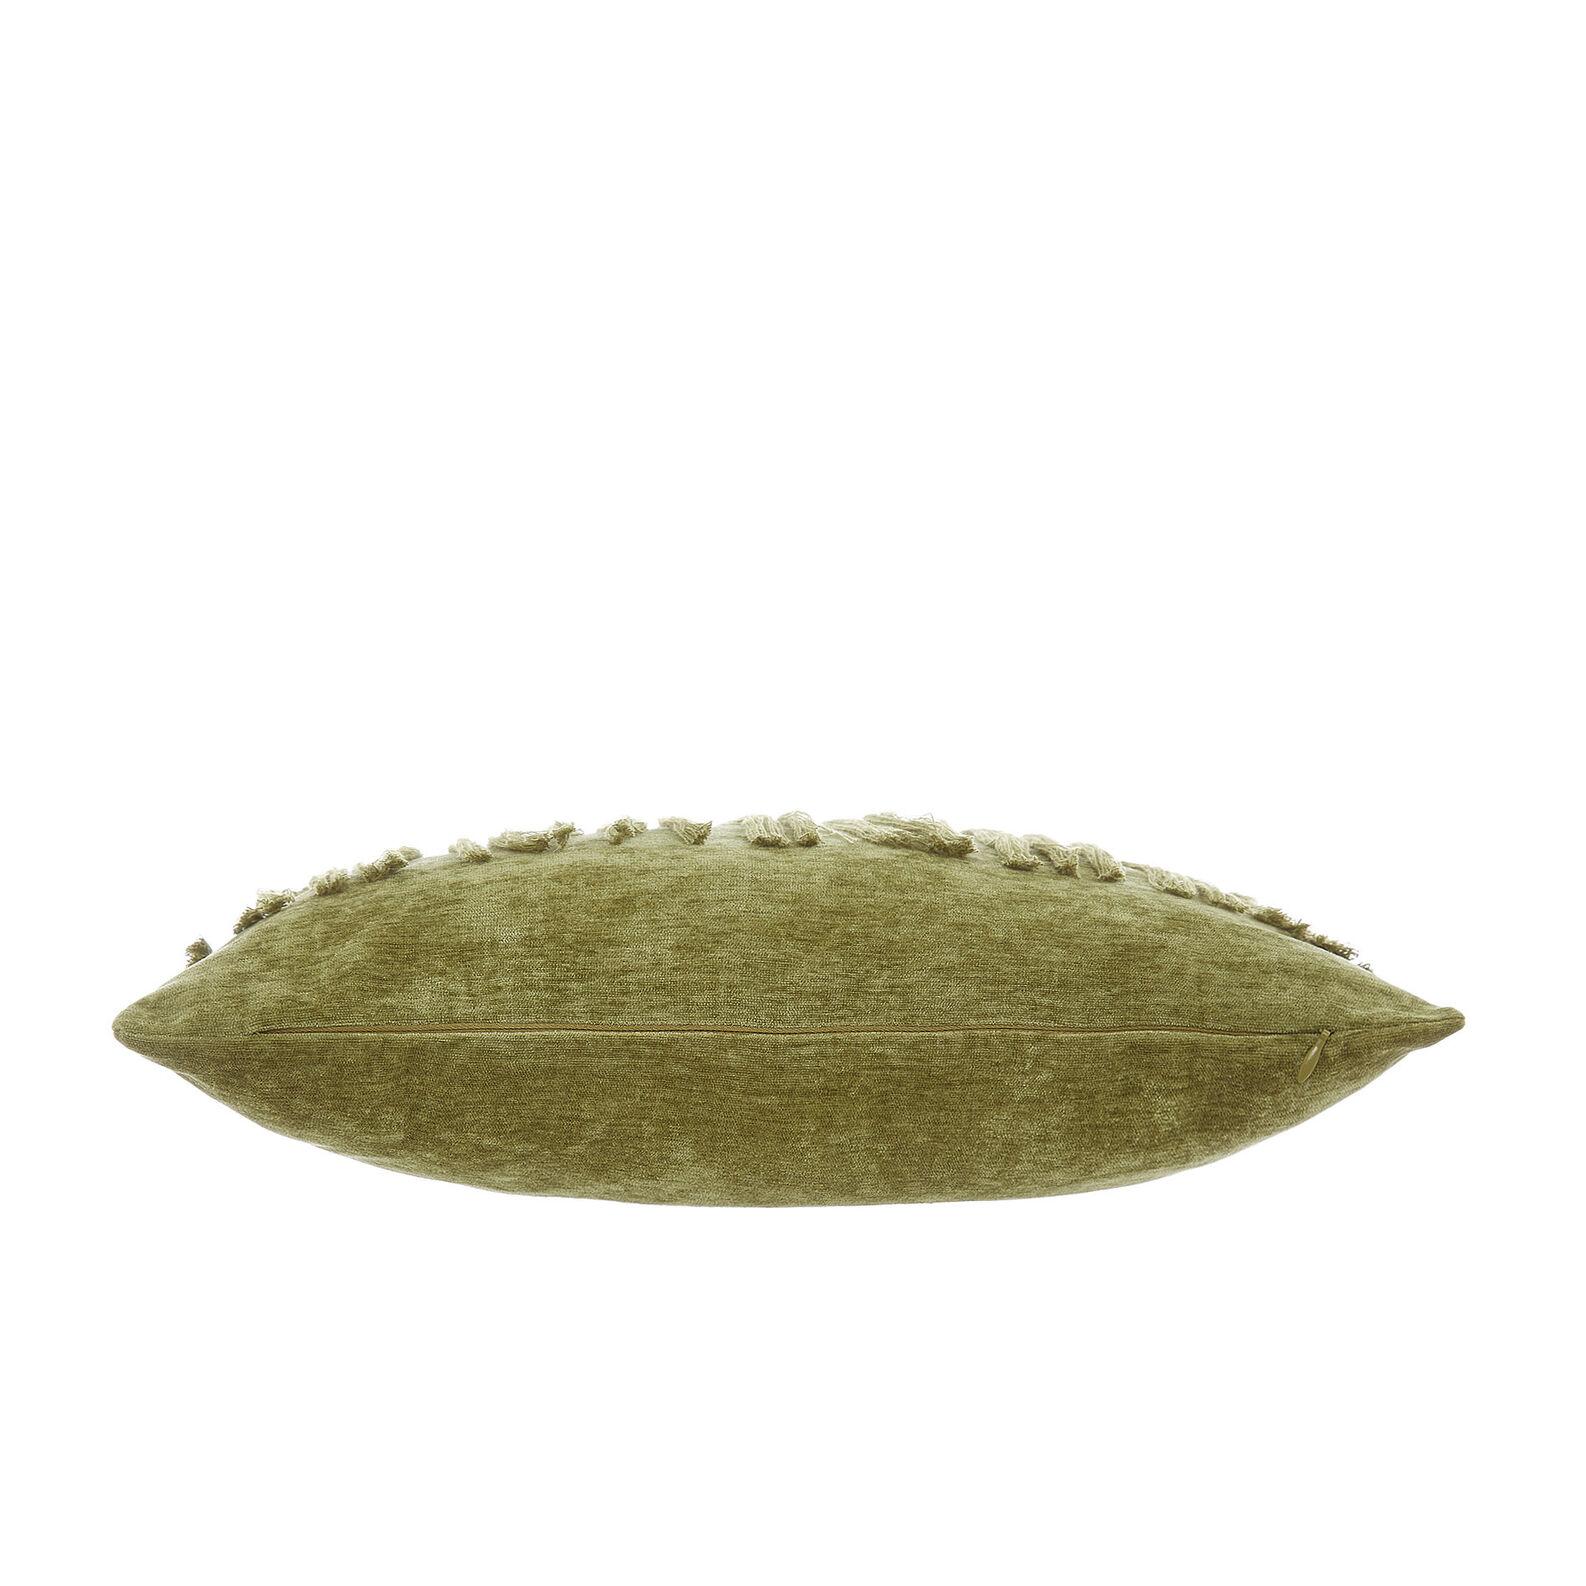 Velvet cushion with fringe 45x45cm